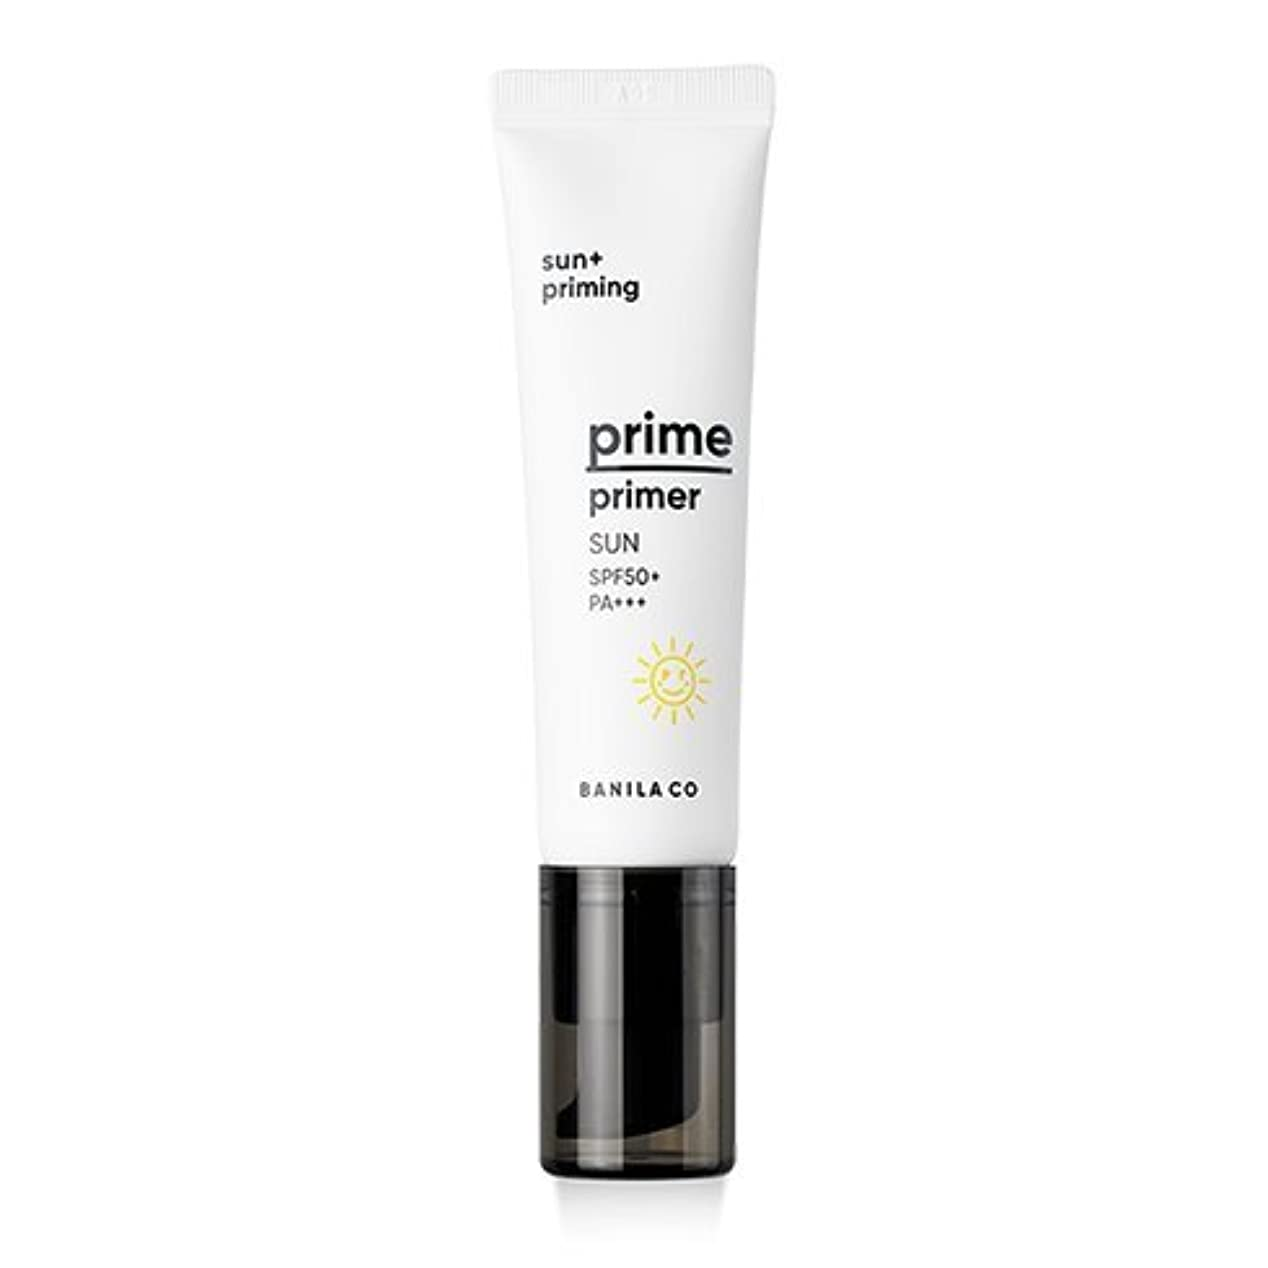 分泌する北韓国語[Renewal] BANILA CO Prime Primer Sun 30ml/バニラコ プライム プライマー サン 30ml [並行輸入品]